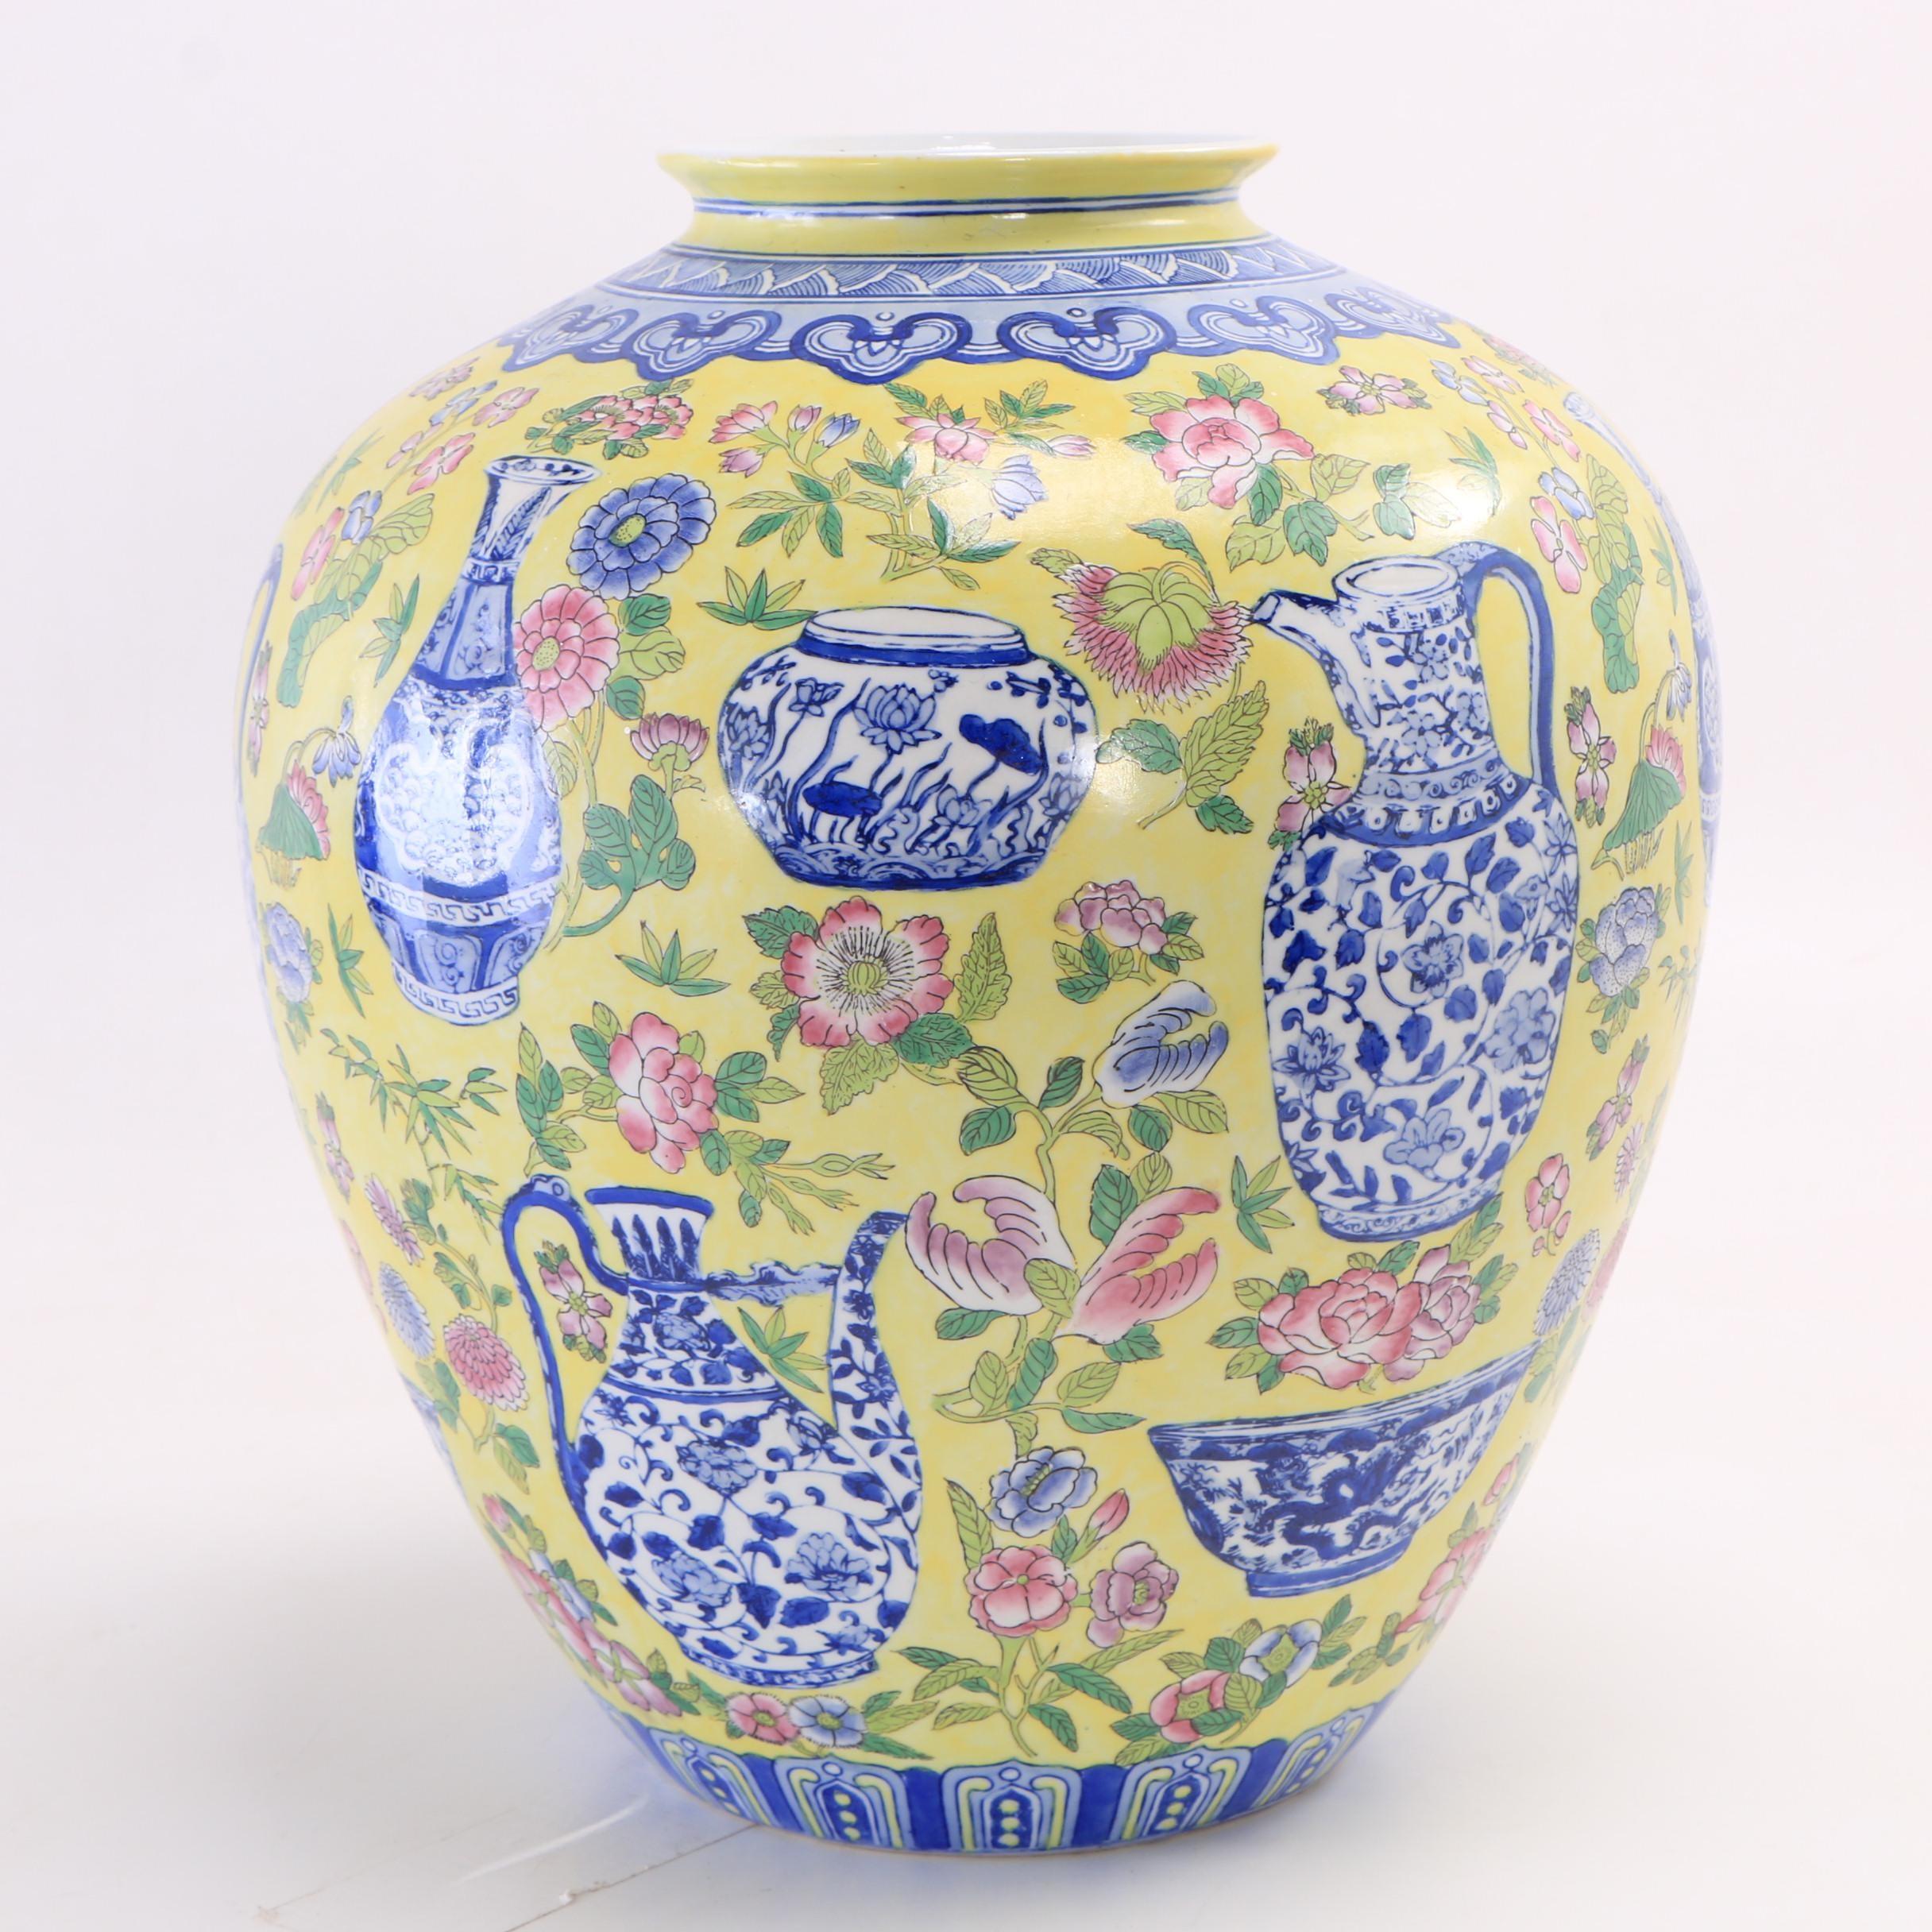 Chinese Famille Jaune Style Ceramic Vase